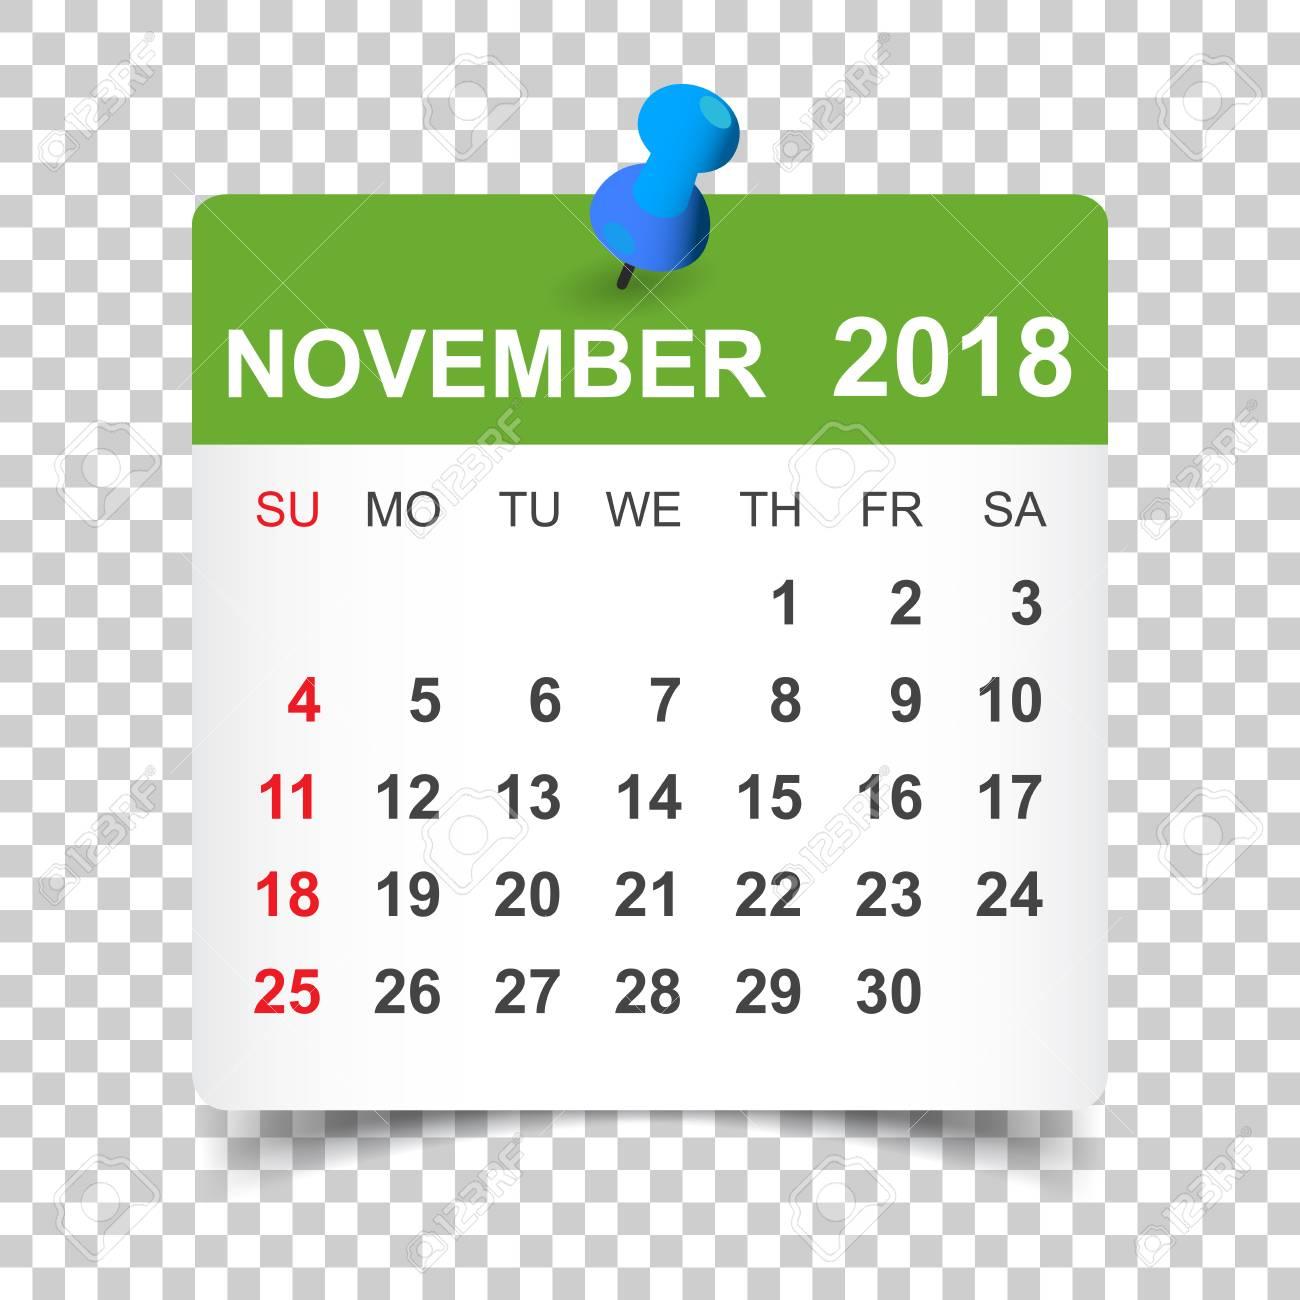 November 2018 calendar  Calendar sticker design template  Week